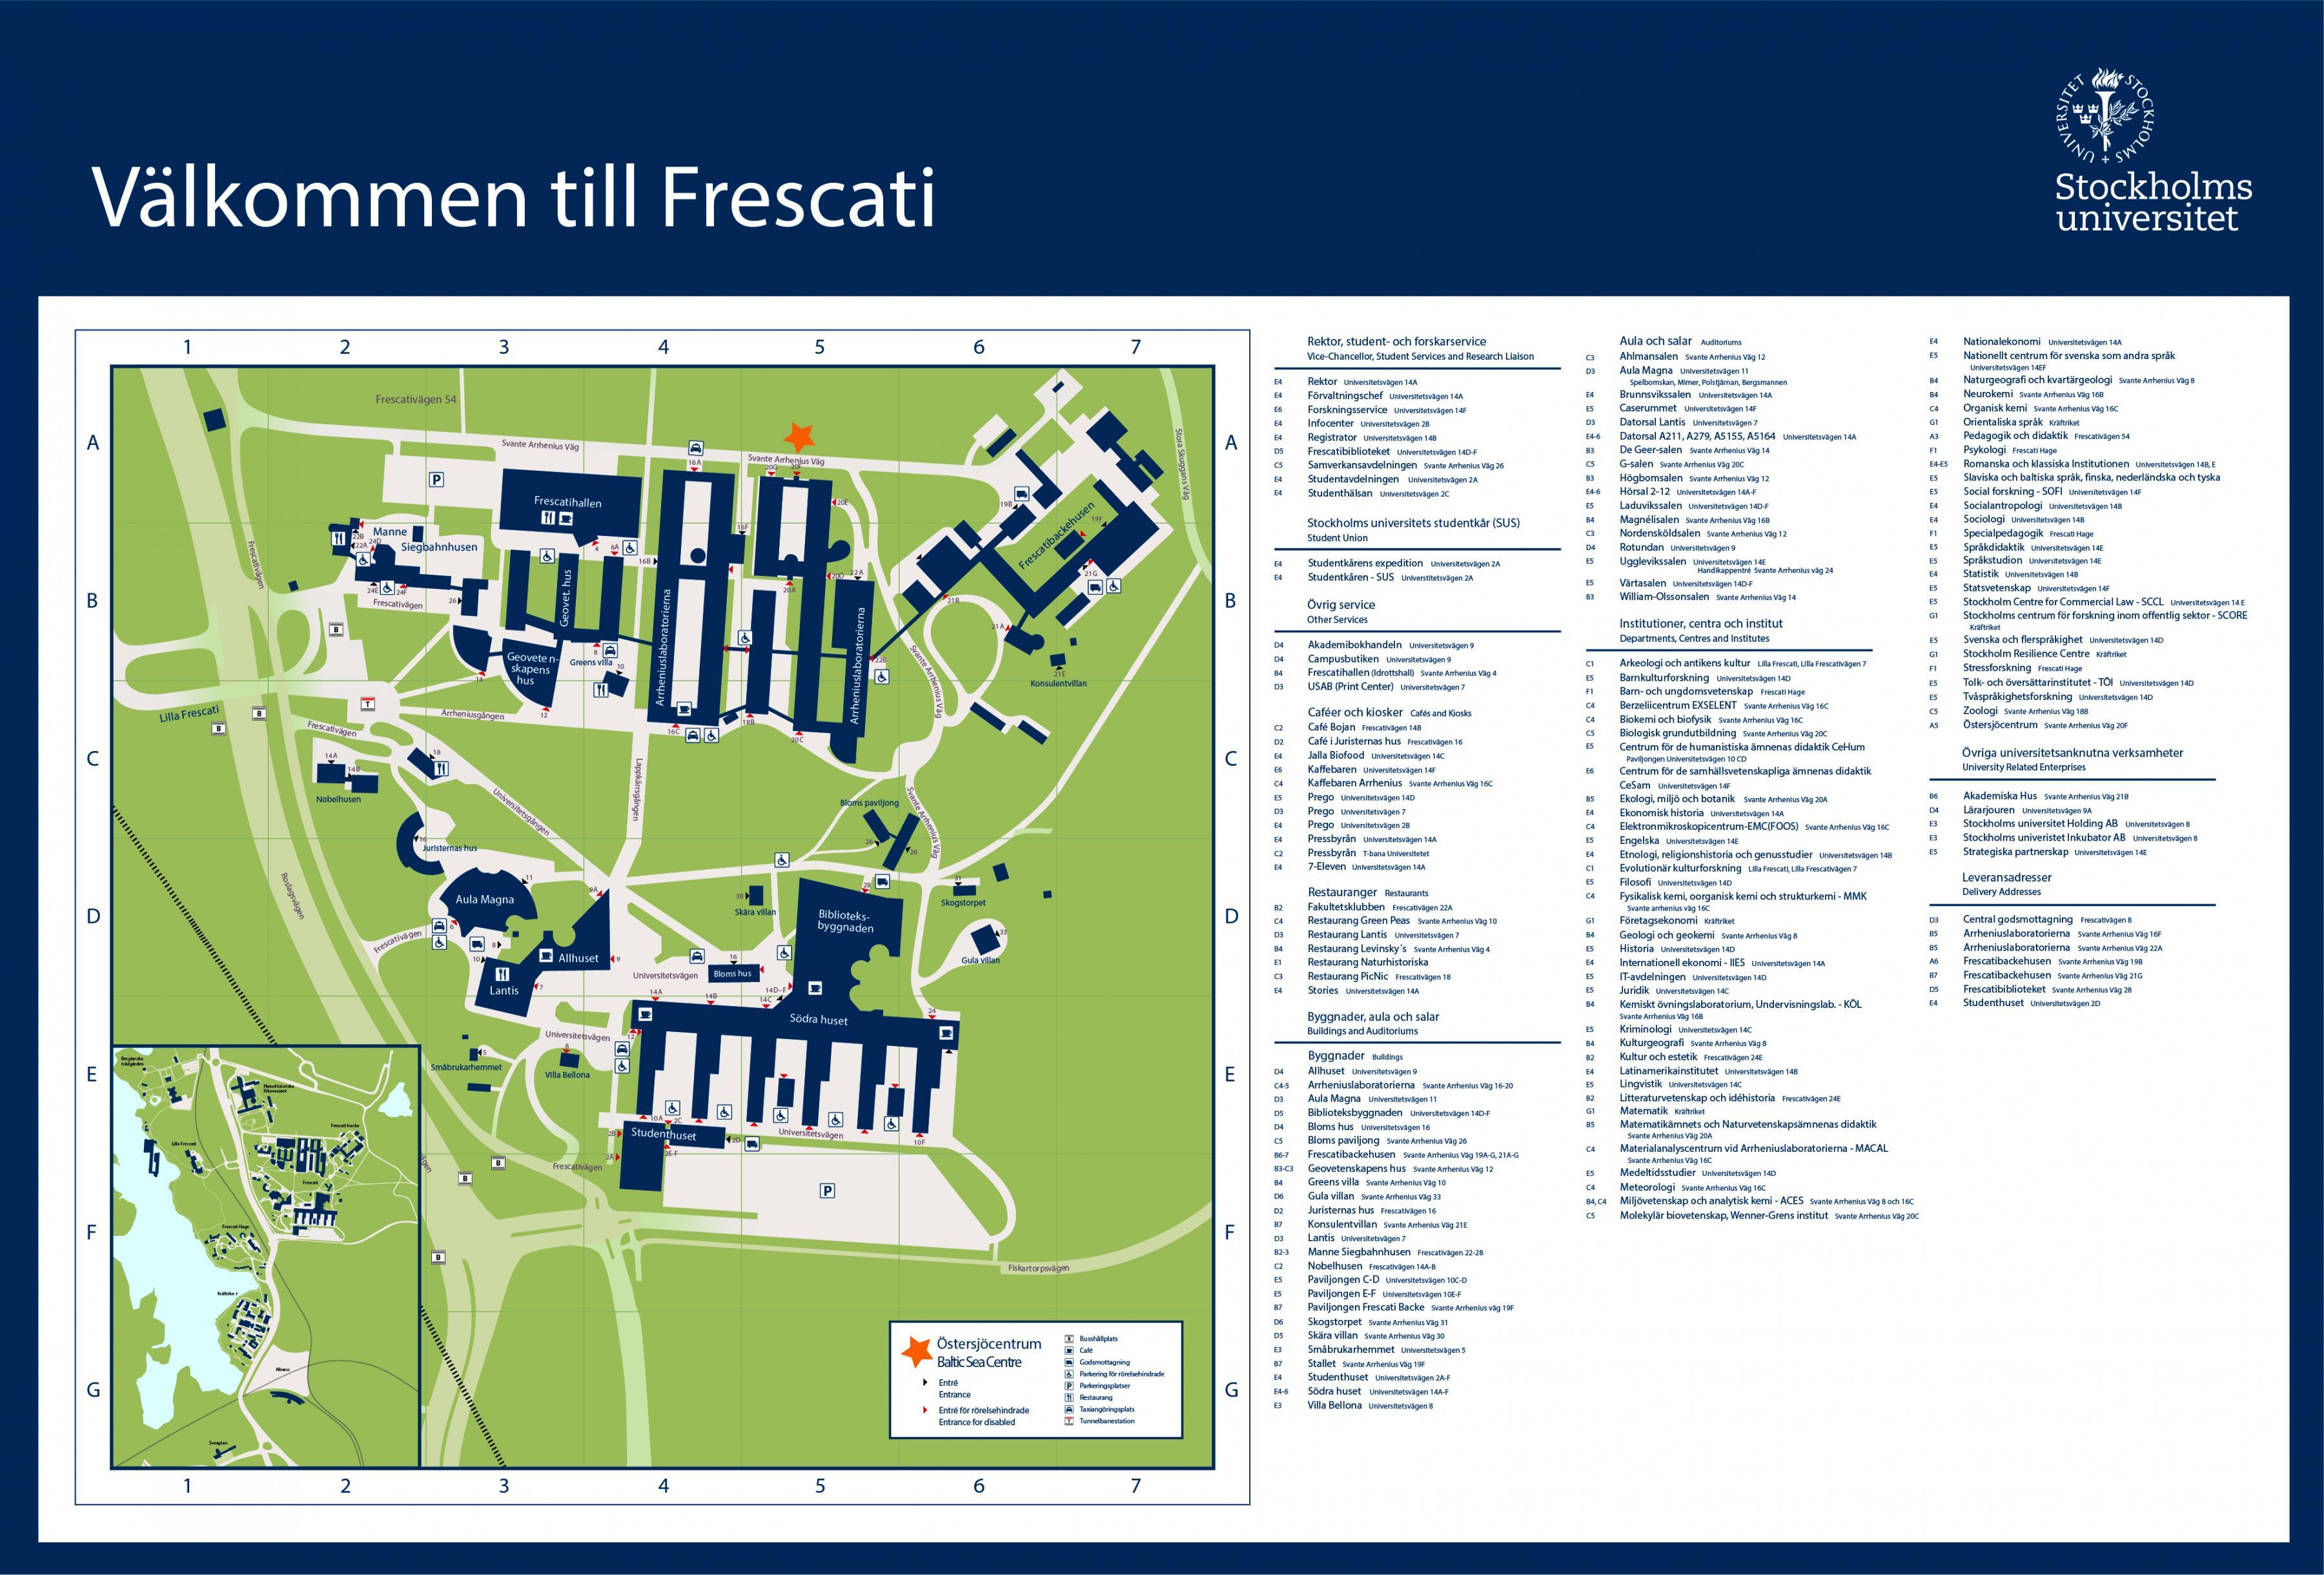 Karta Stockholms Universitet.Stockholms Universitet Map Karta For Stockholms Universitet